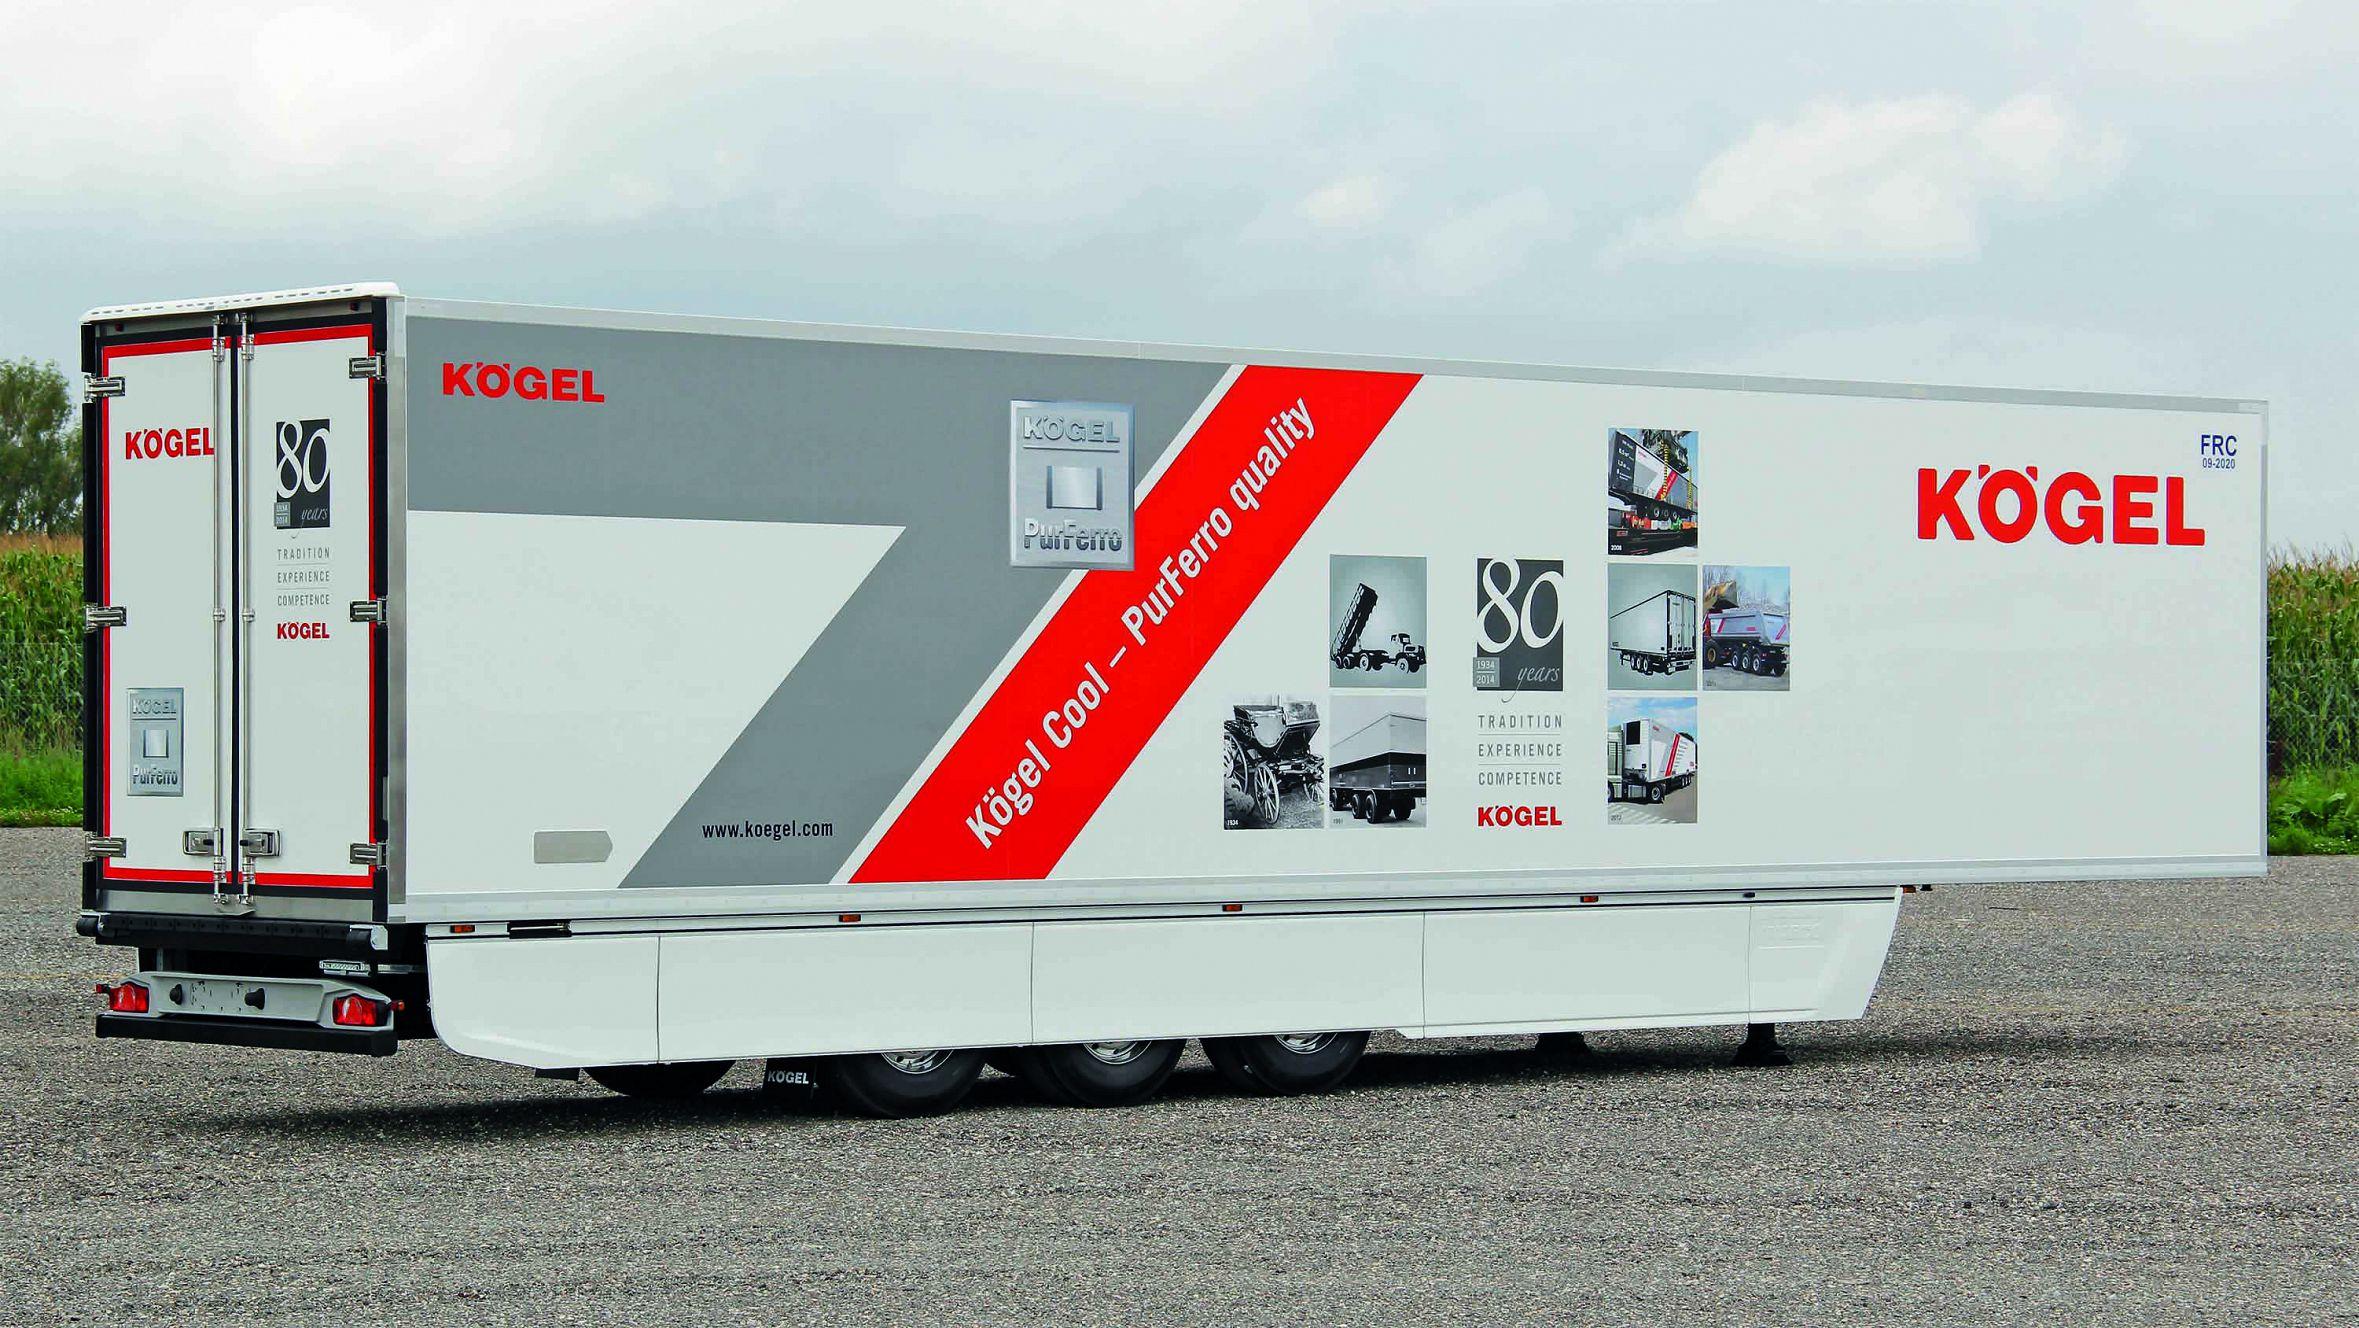 Kögel-atelier voor verenigingen: Wat belemmert efficiënt transport in Europa?